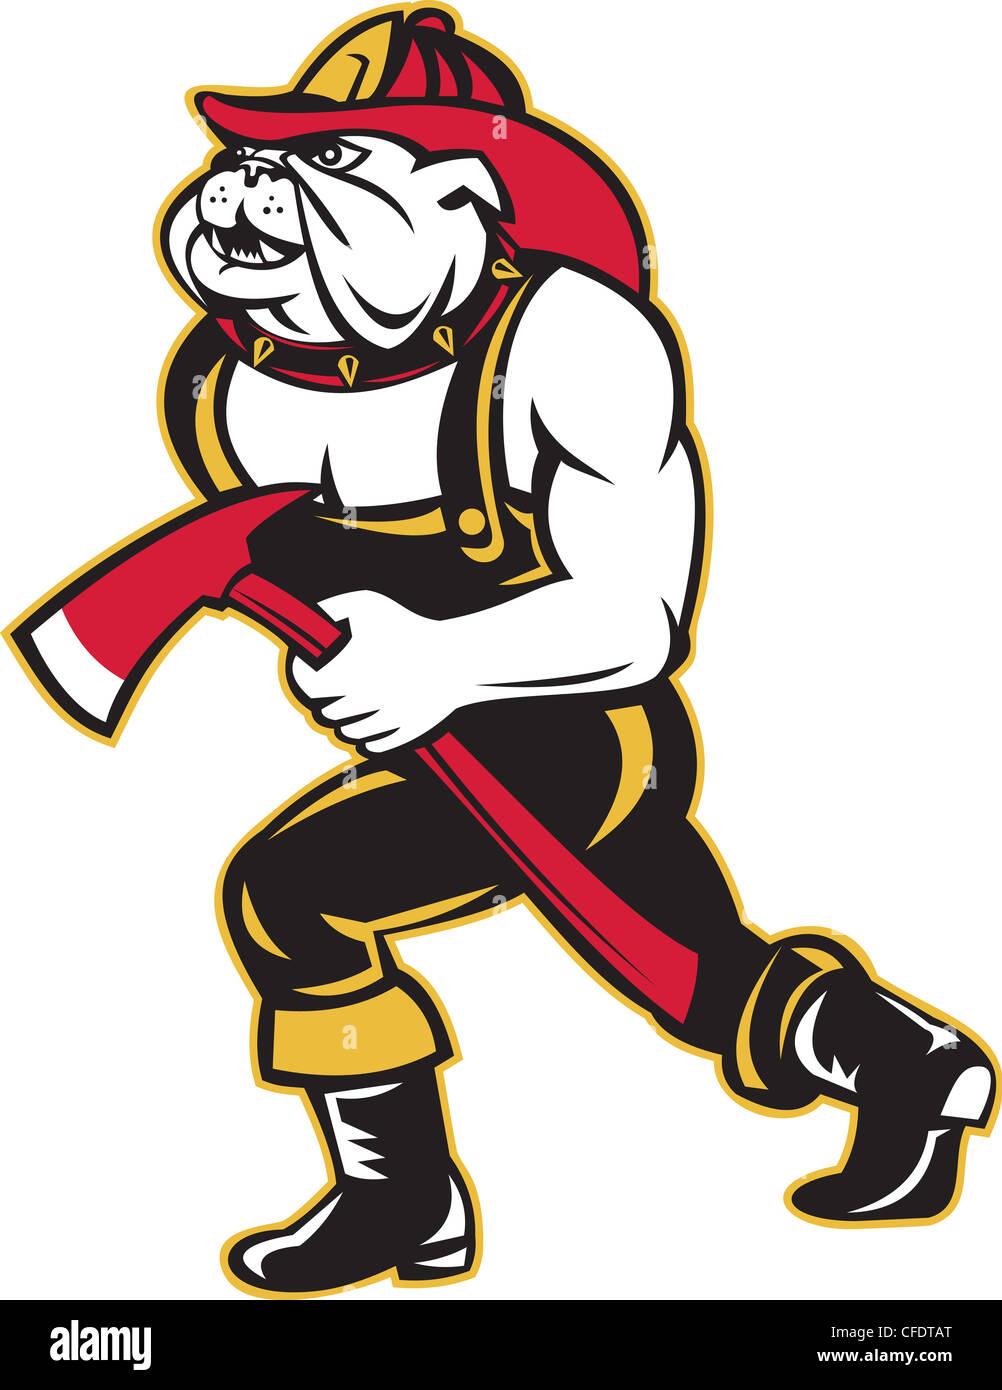 Dog Fireman Firefighter Fire Axe Stock Photos Dog Fireman